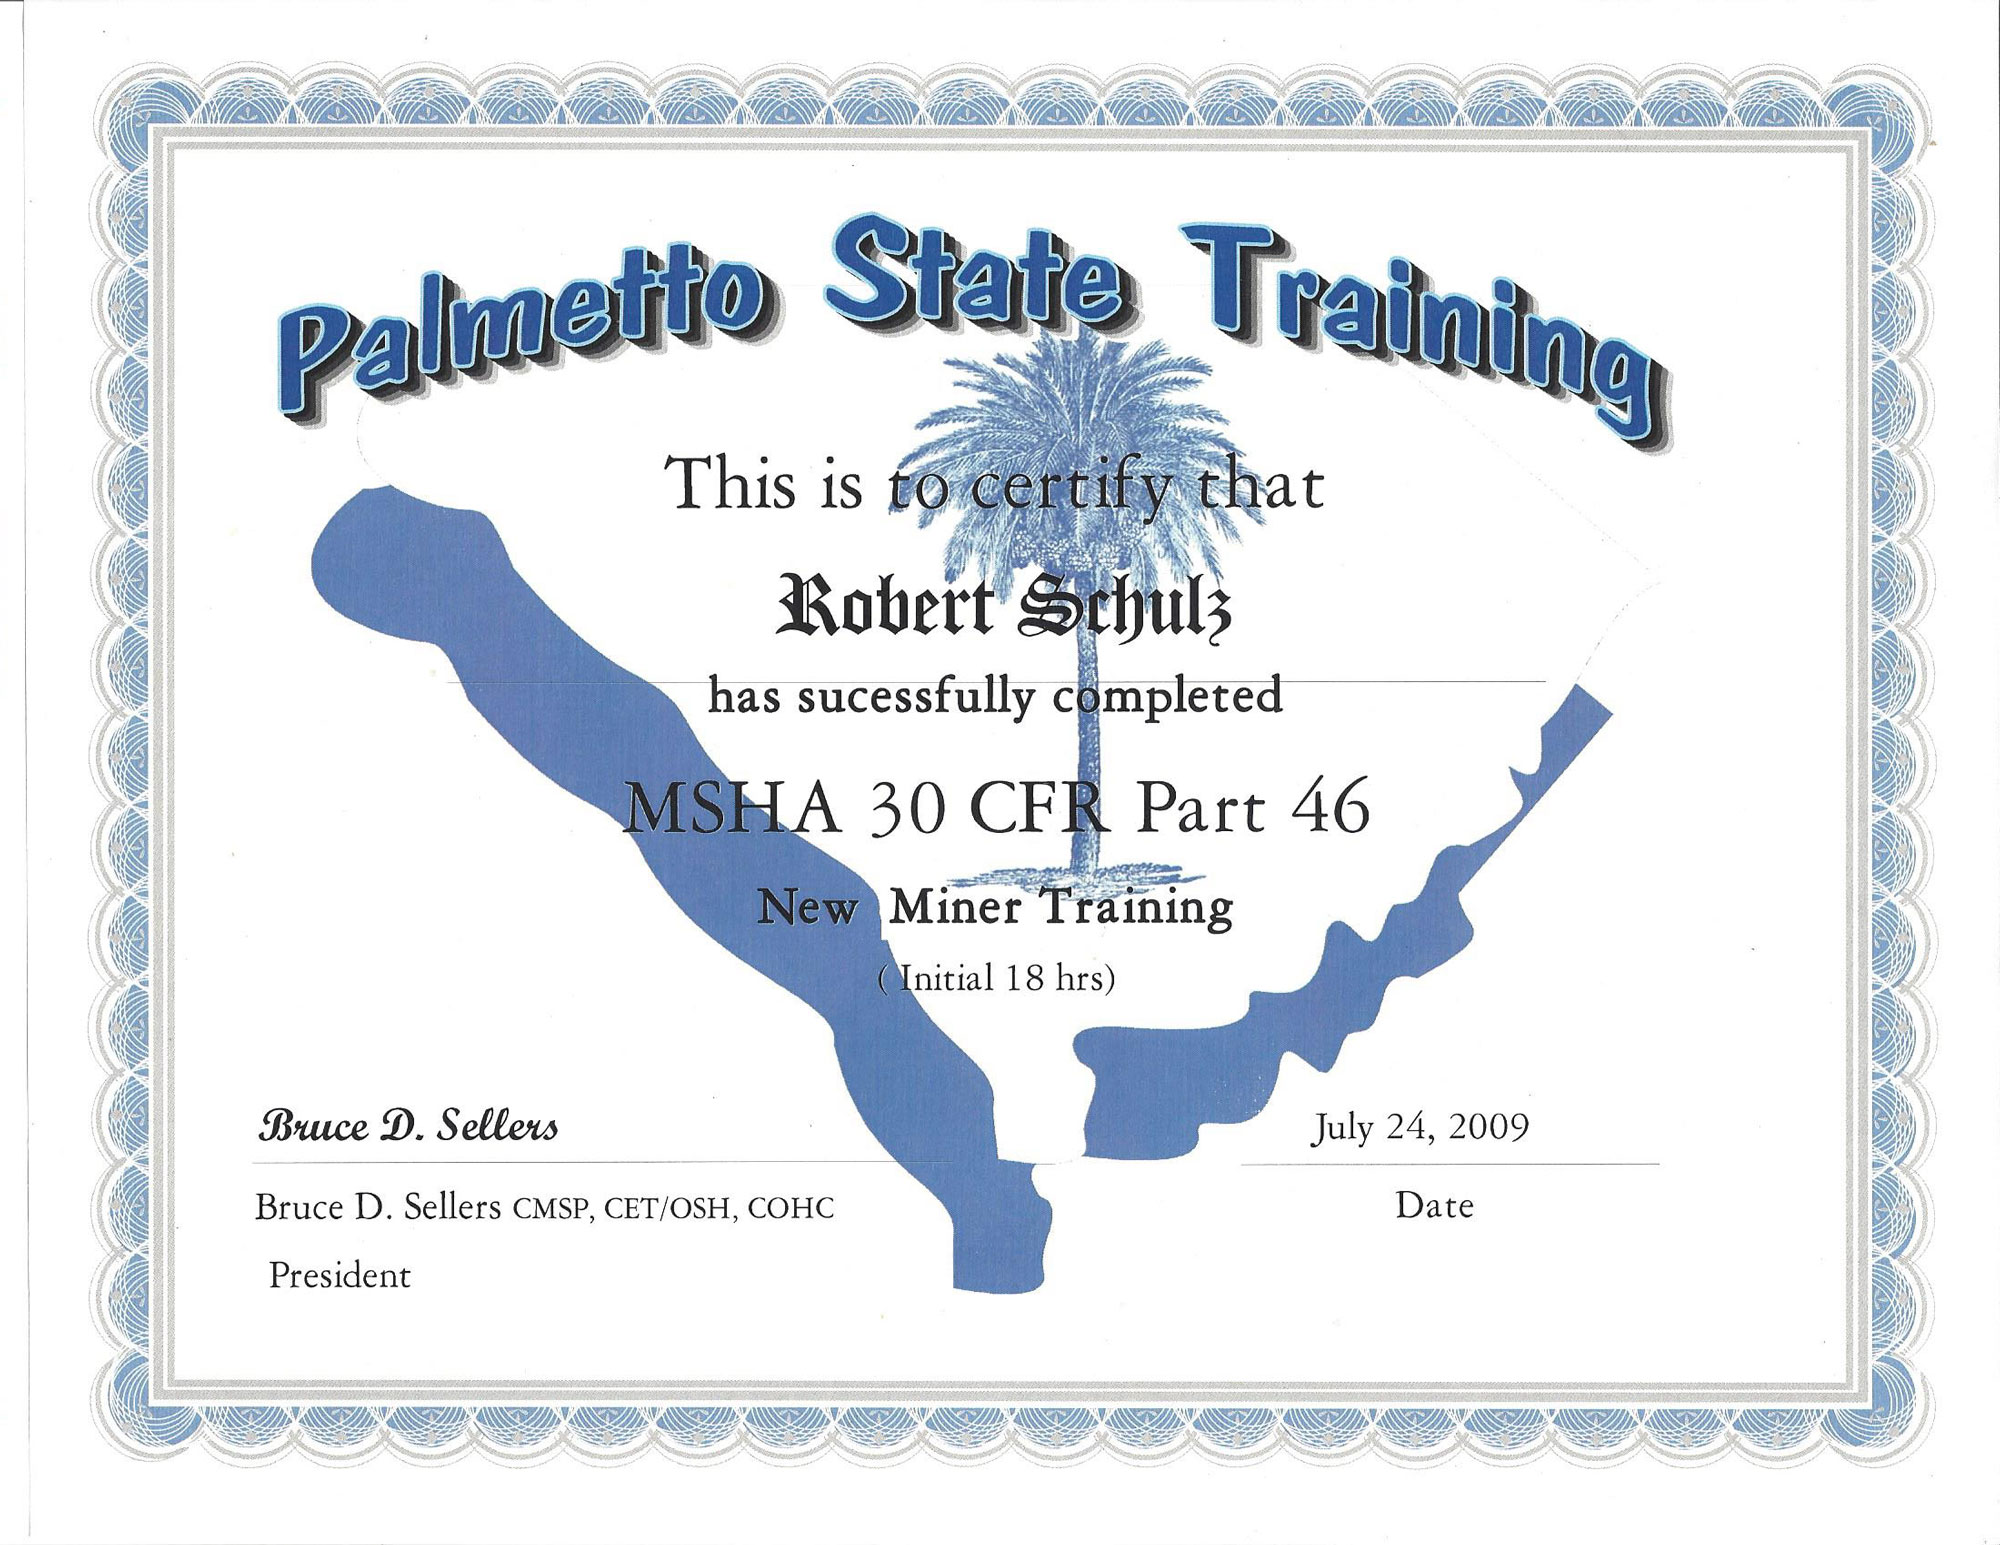 MSHA-Certificate